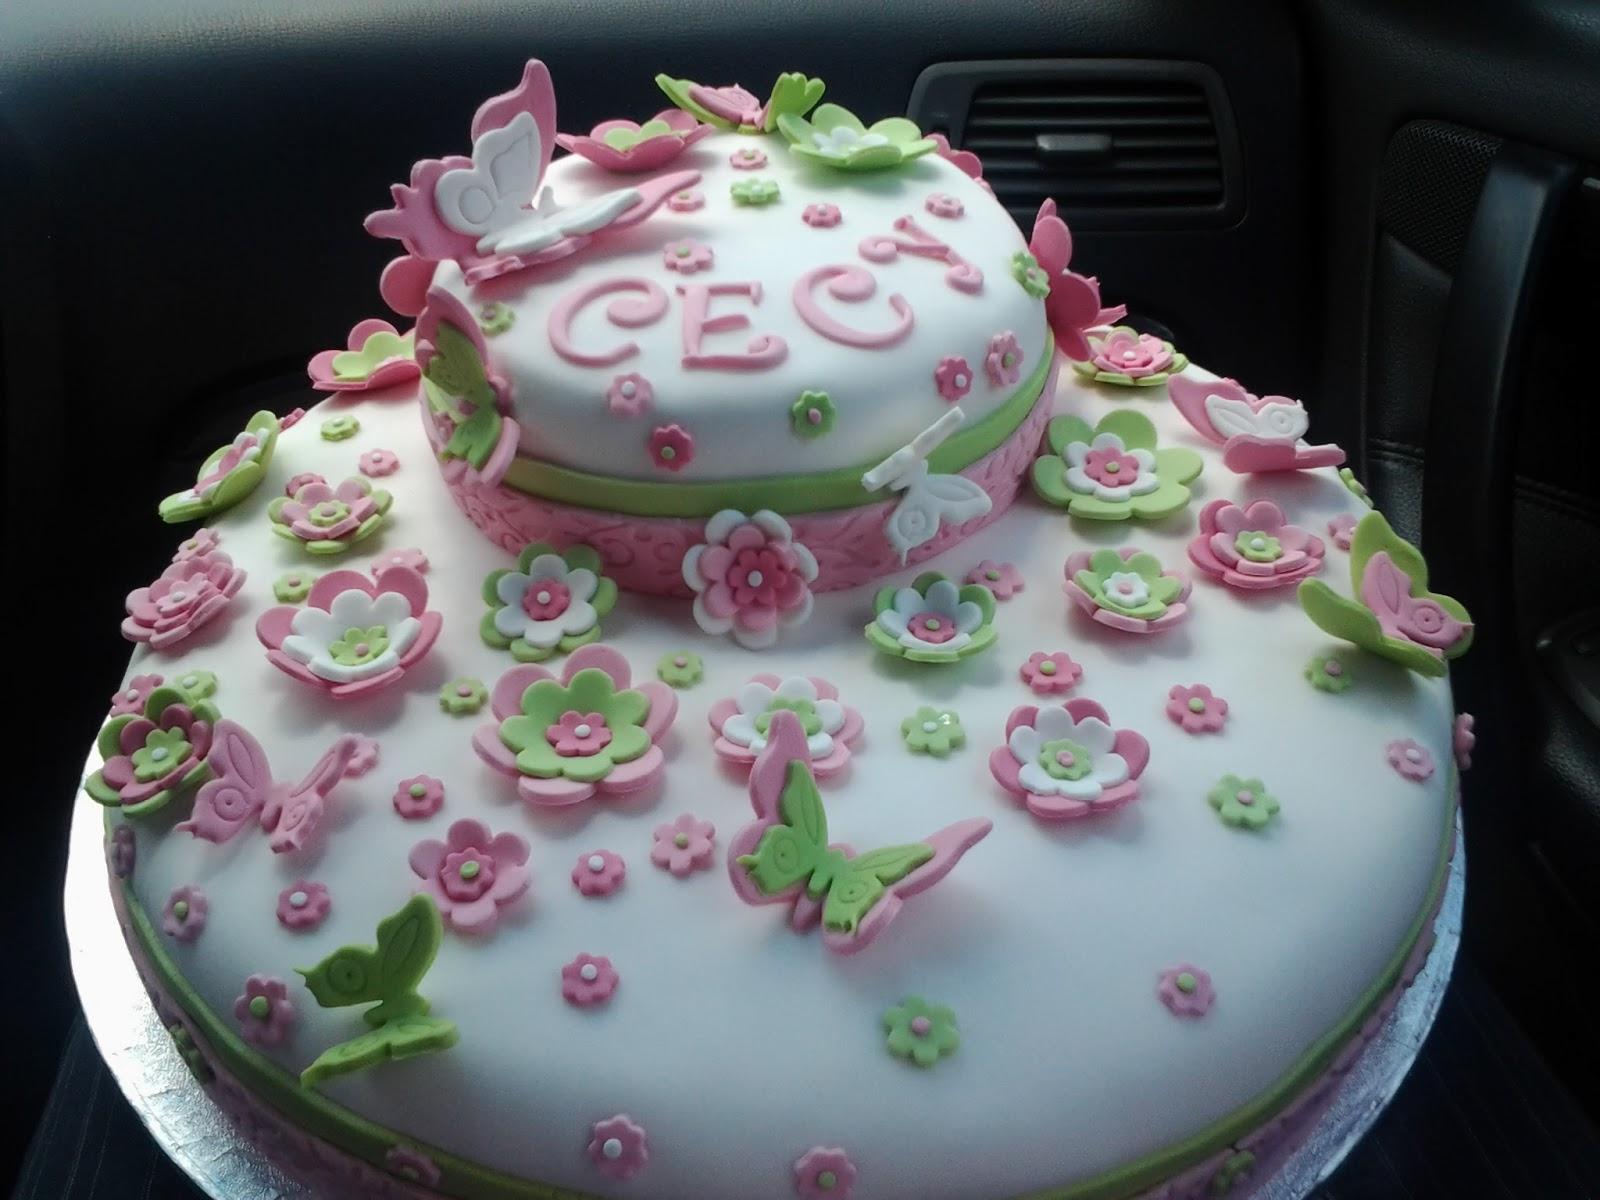 Amato Vaniglia e Caffè: la torta con fiori e farfallein trasporto. IY88